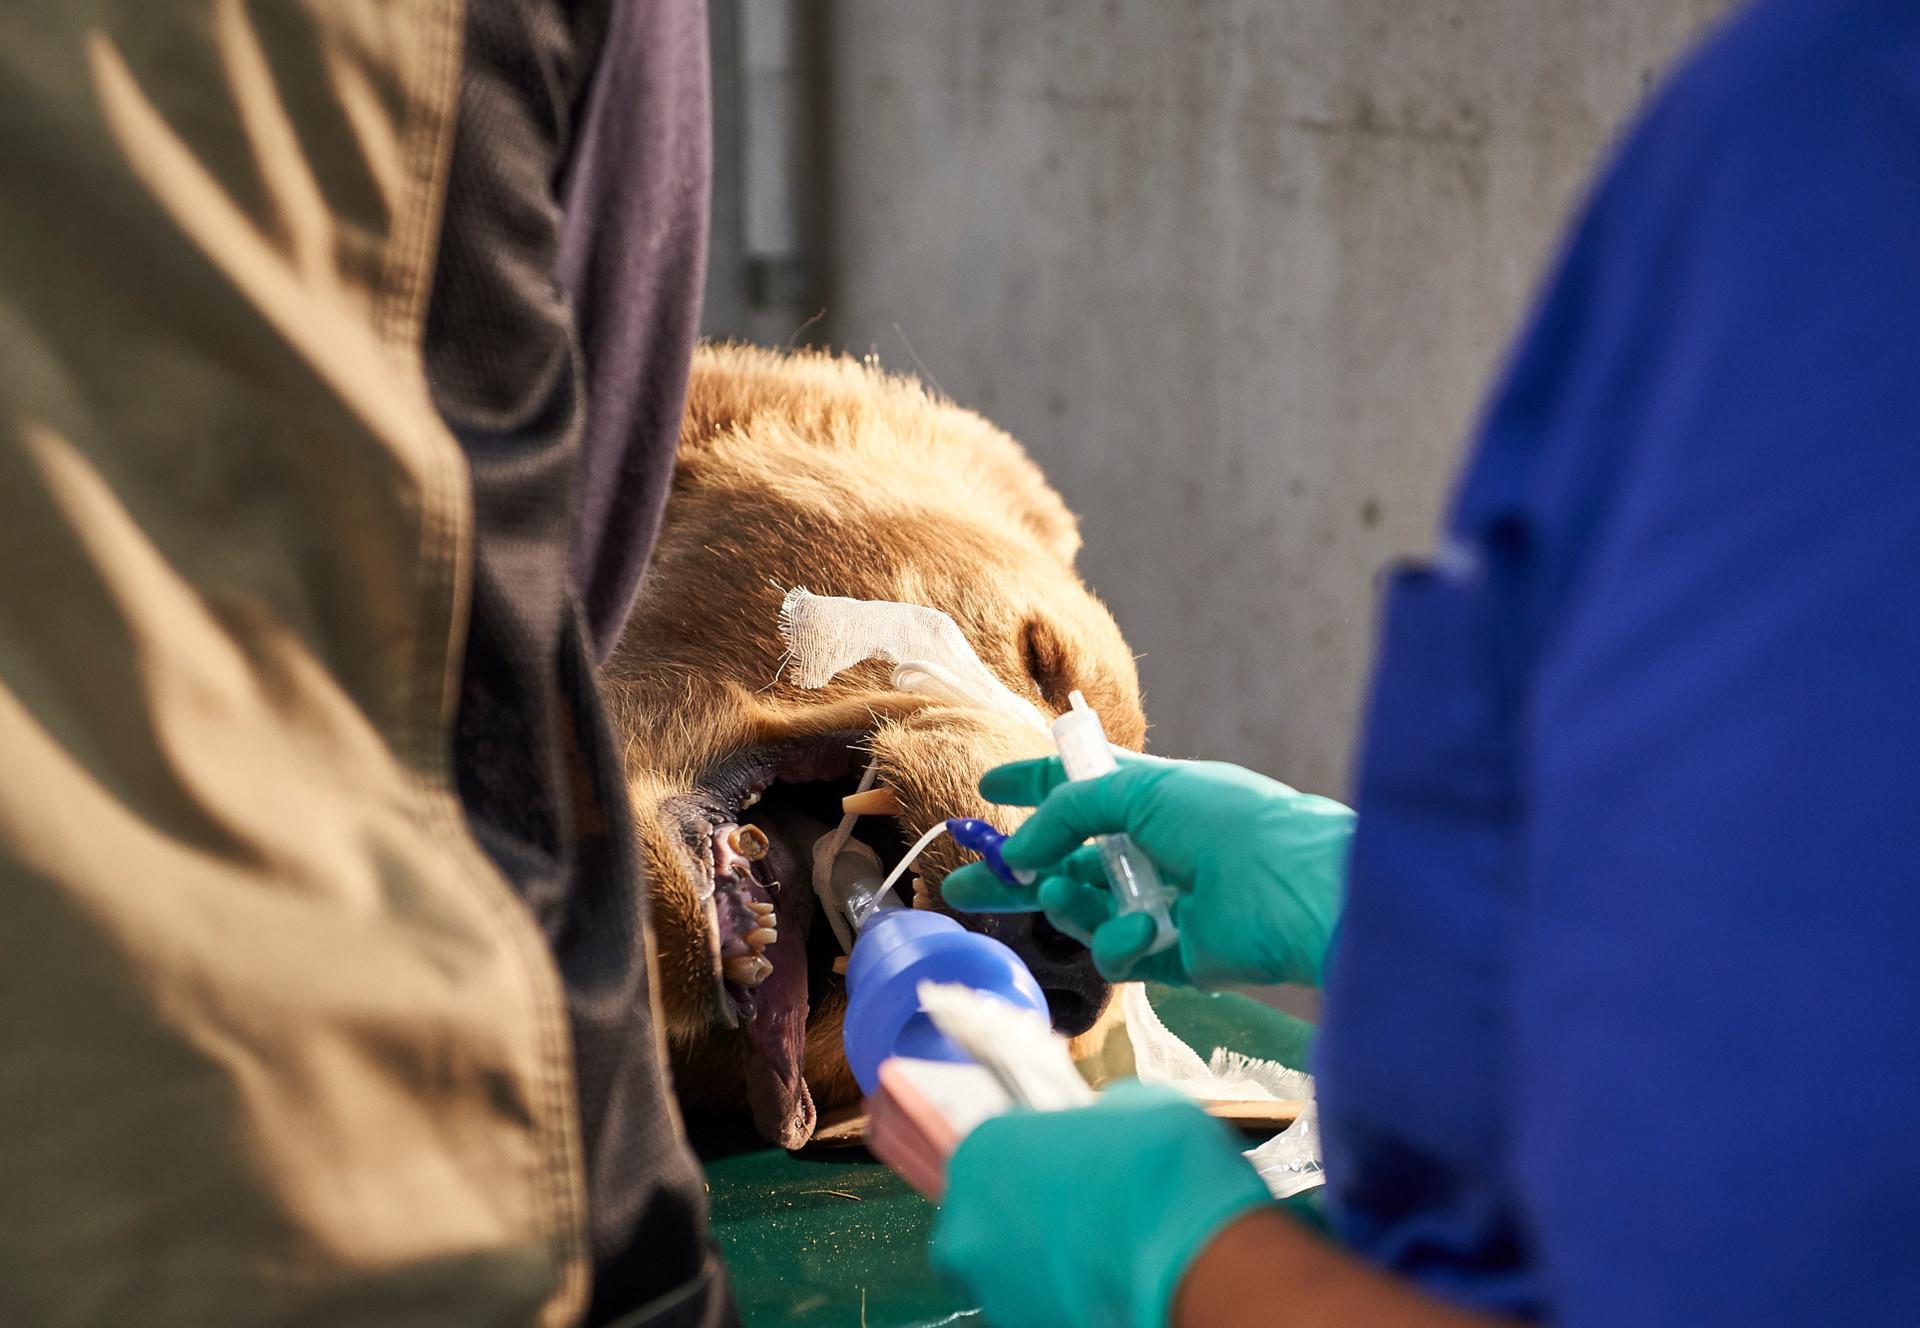 Bär Napa wird operiert